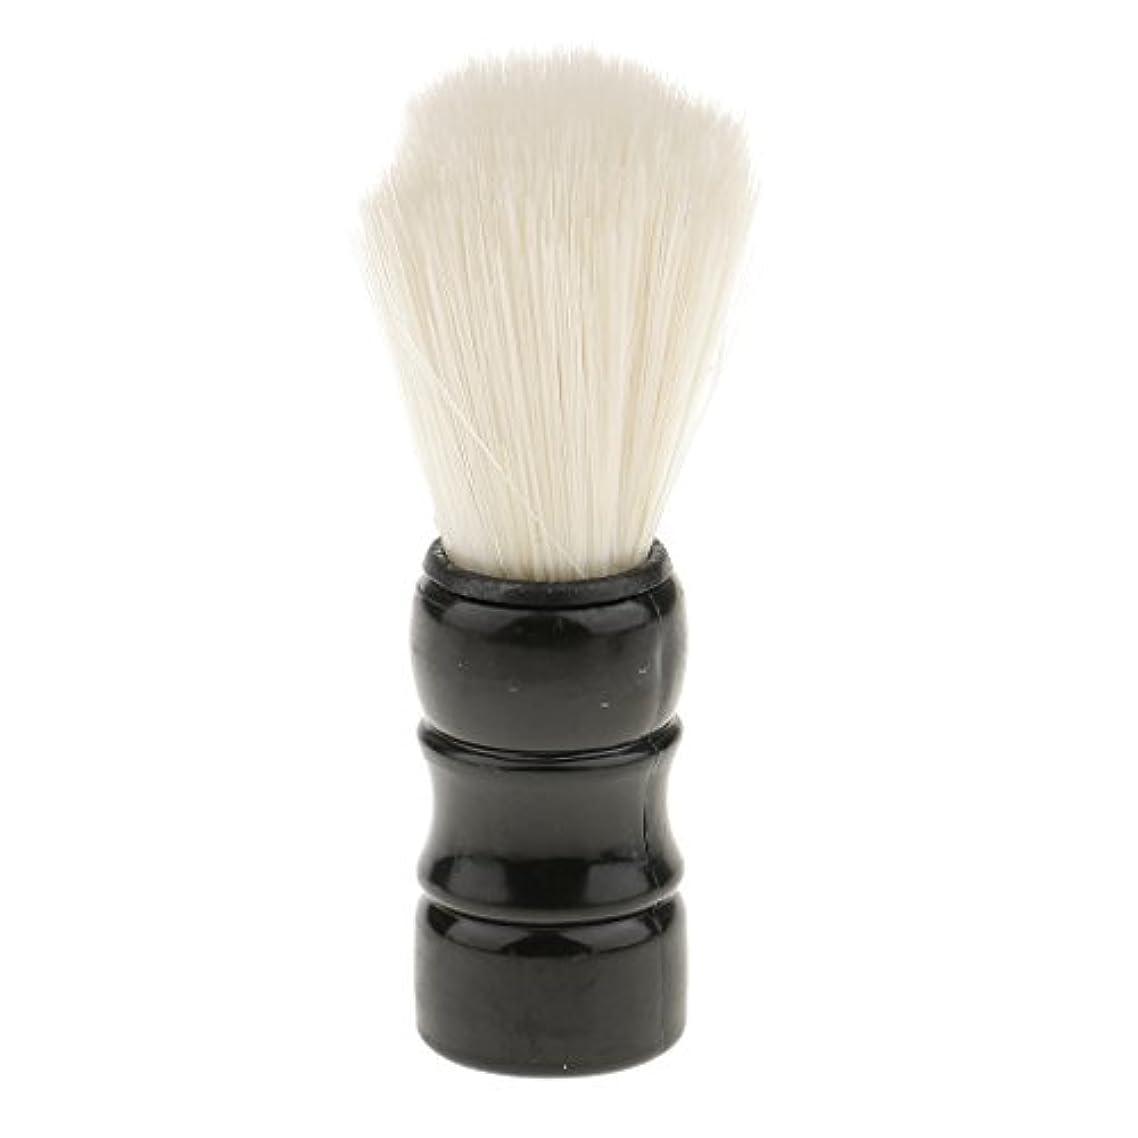 更新抑制害Hellery シェービングブラシ 男性 口ひげ トリミング ナイロンブラシ シェービングツール 髭剃り 全2色 - ブラック